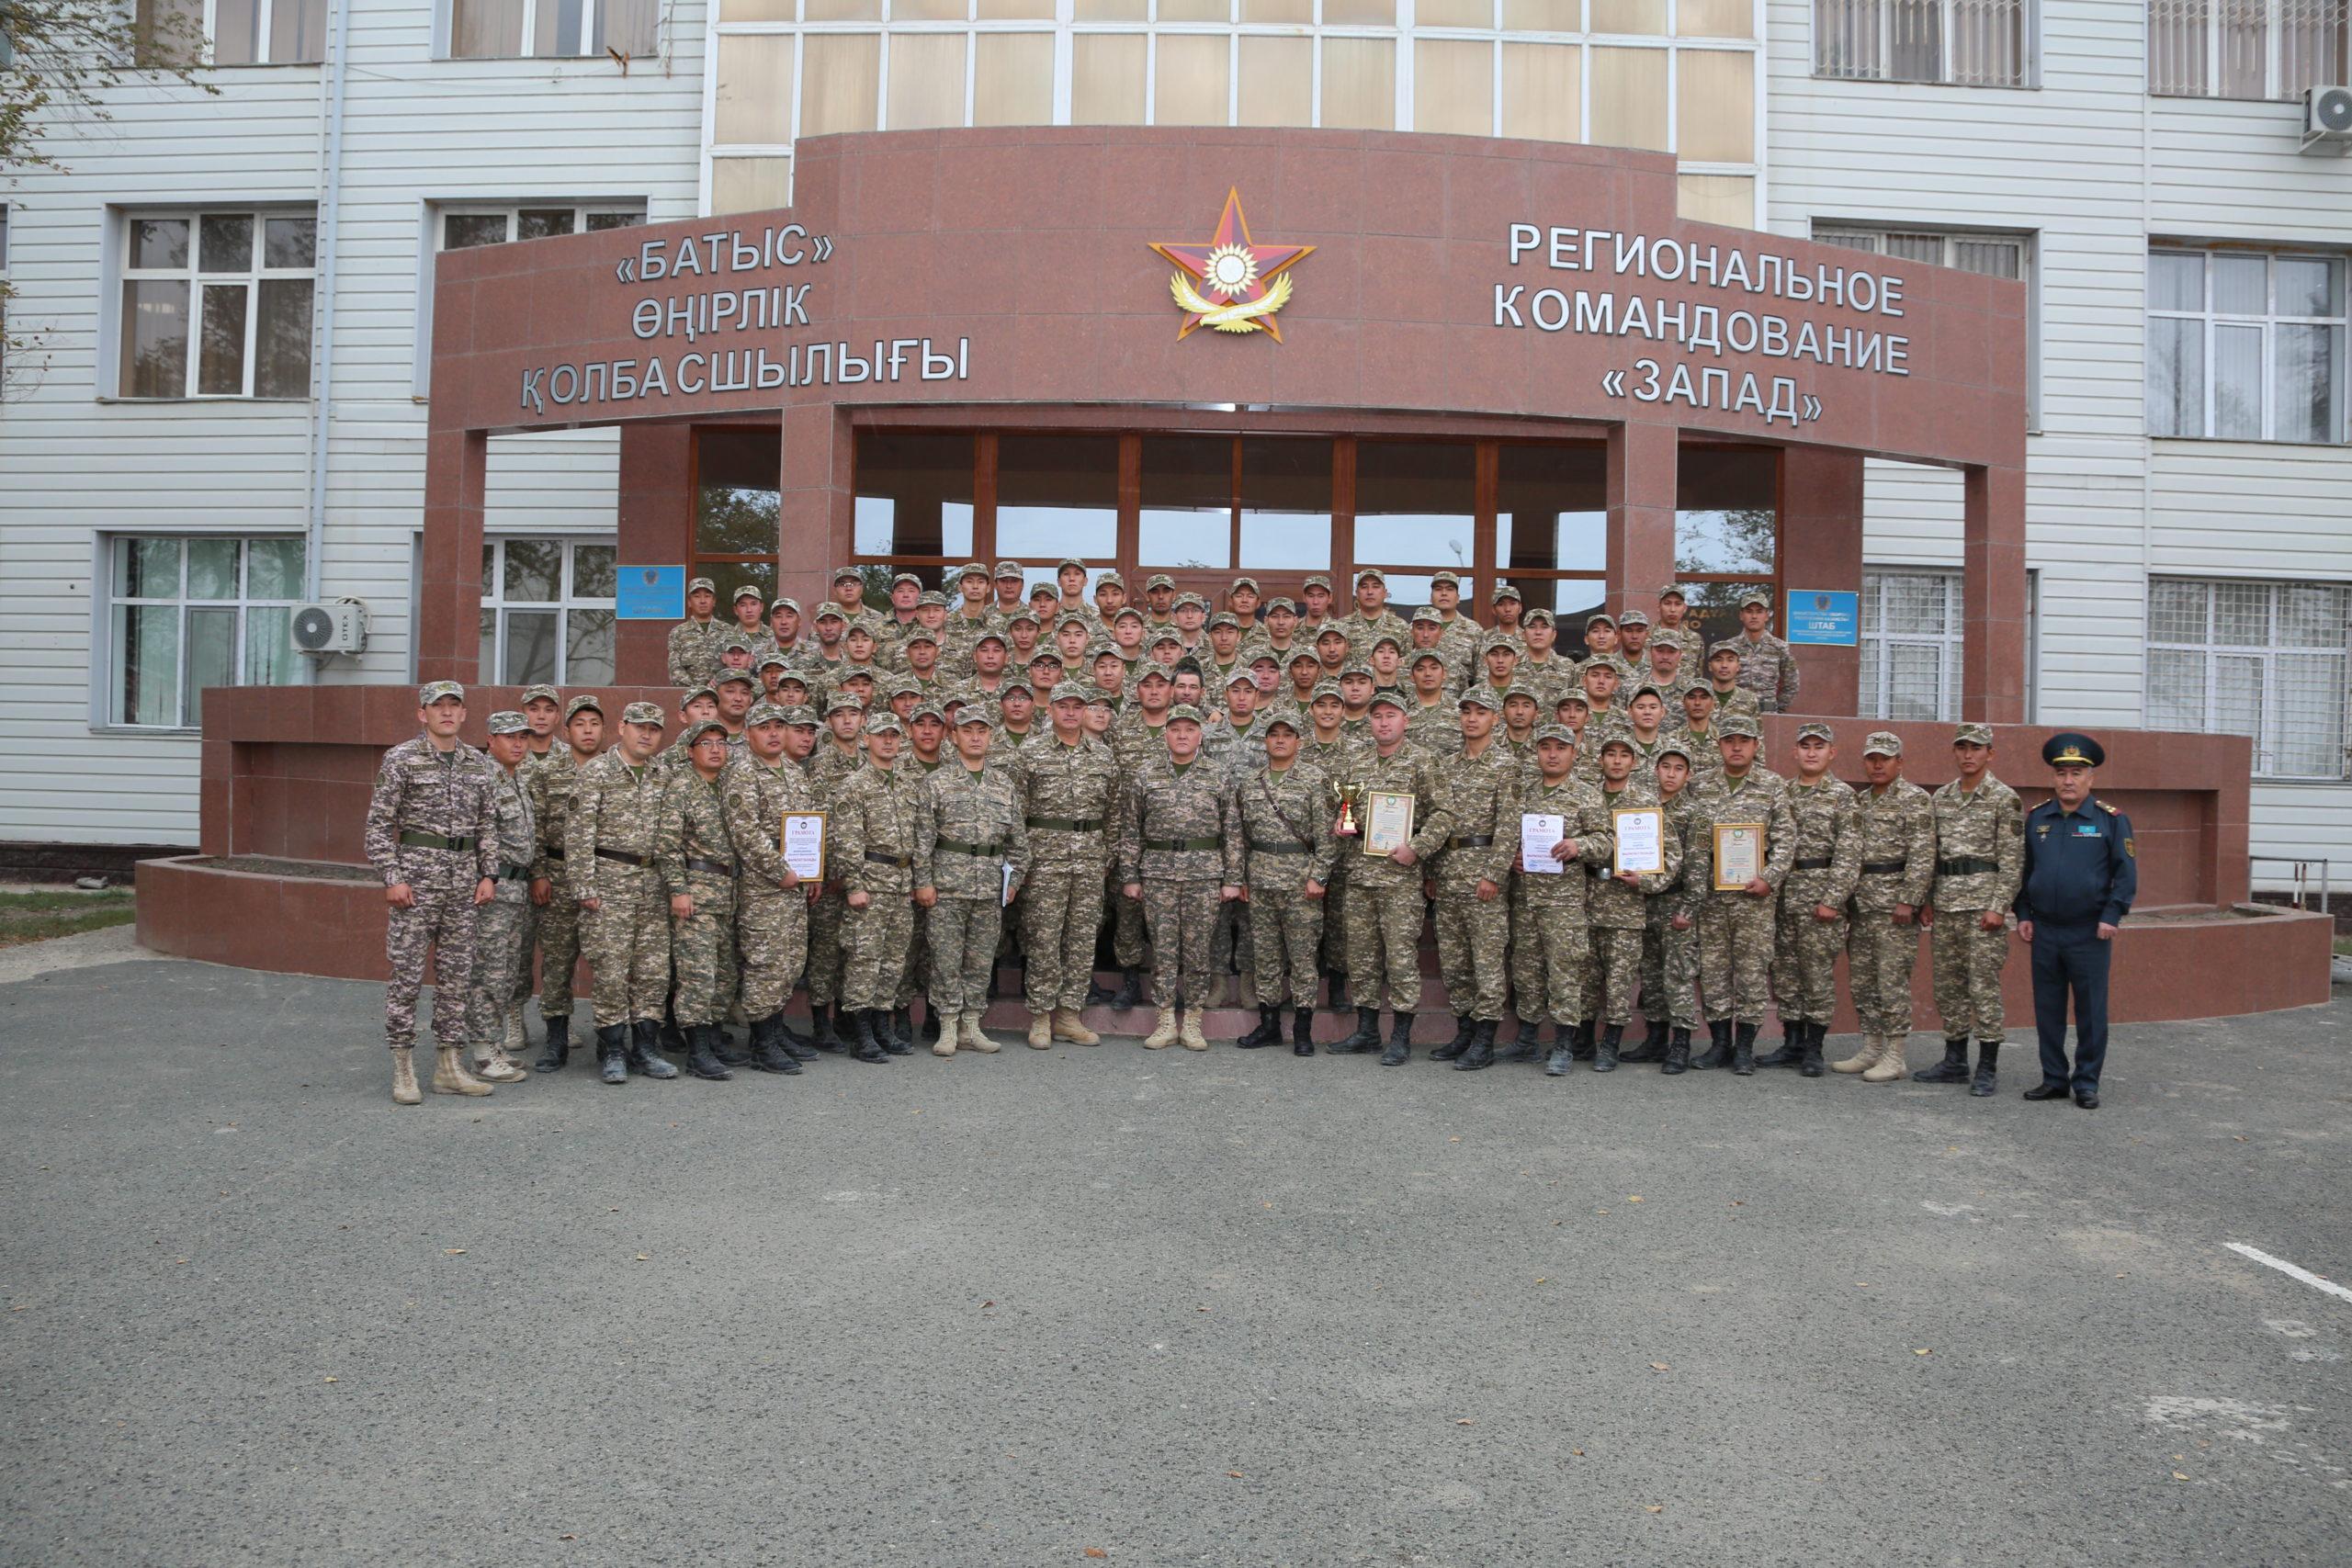 Воинские сборы офицеров запаса завершились в ряде регионов Казахстана